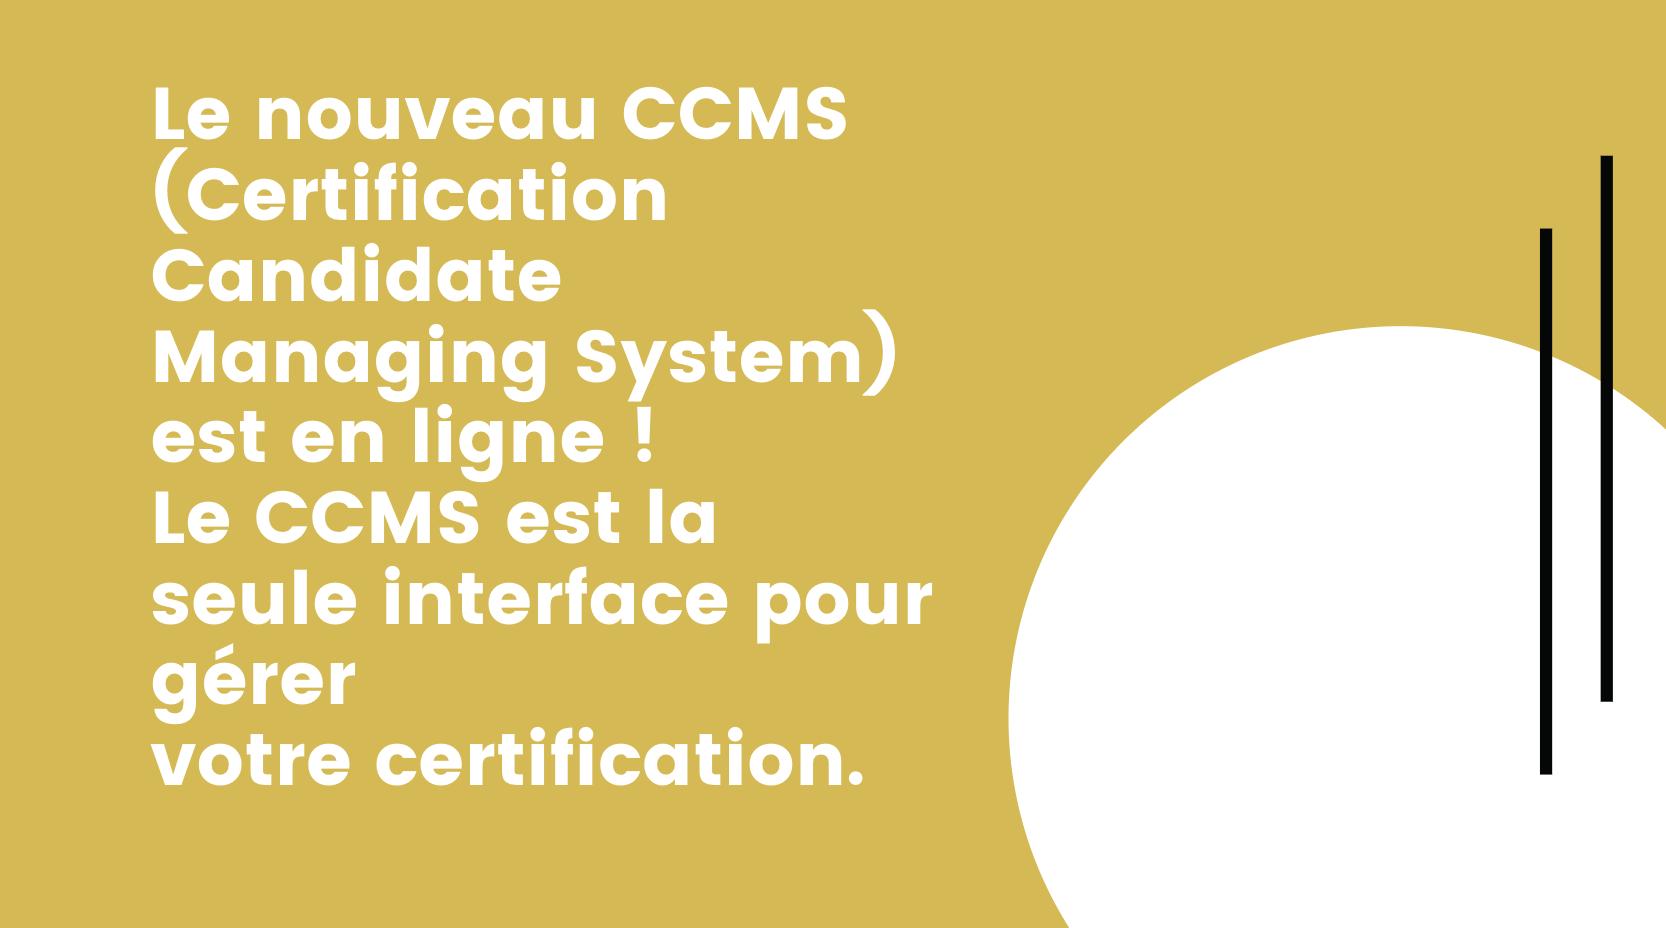 Le nouveau CCMS est disponible !